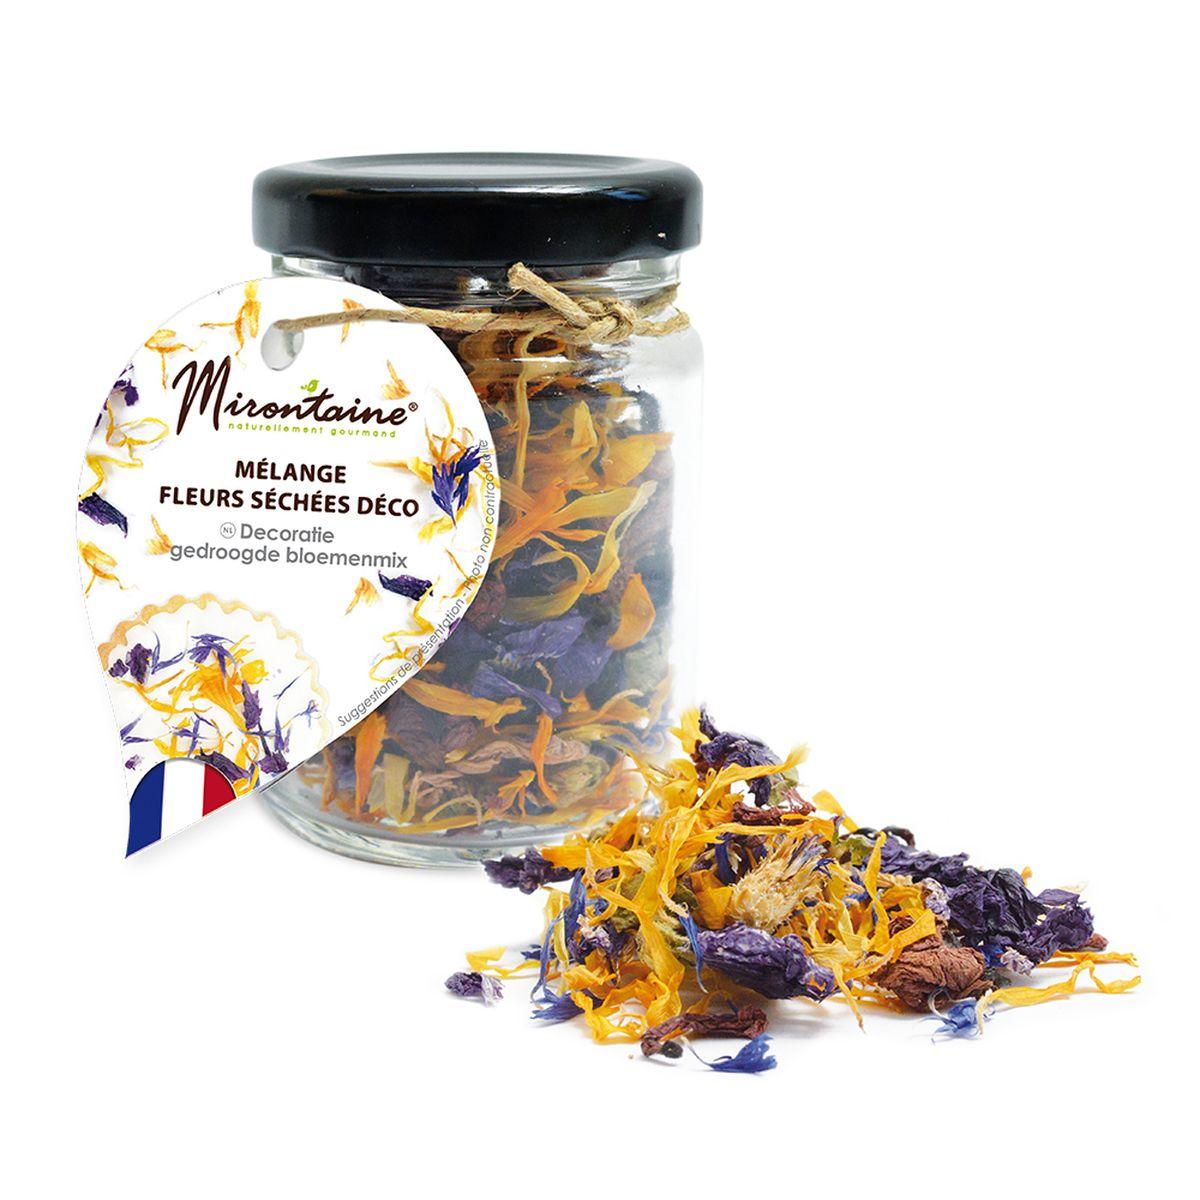 Pot de mélange de fleurs séchées comestibles pour décoration de gâteaux 3.5 gr - Mirontaine